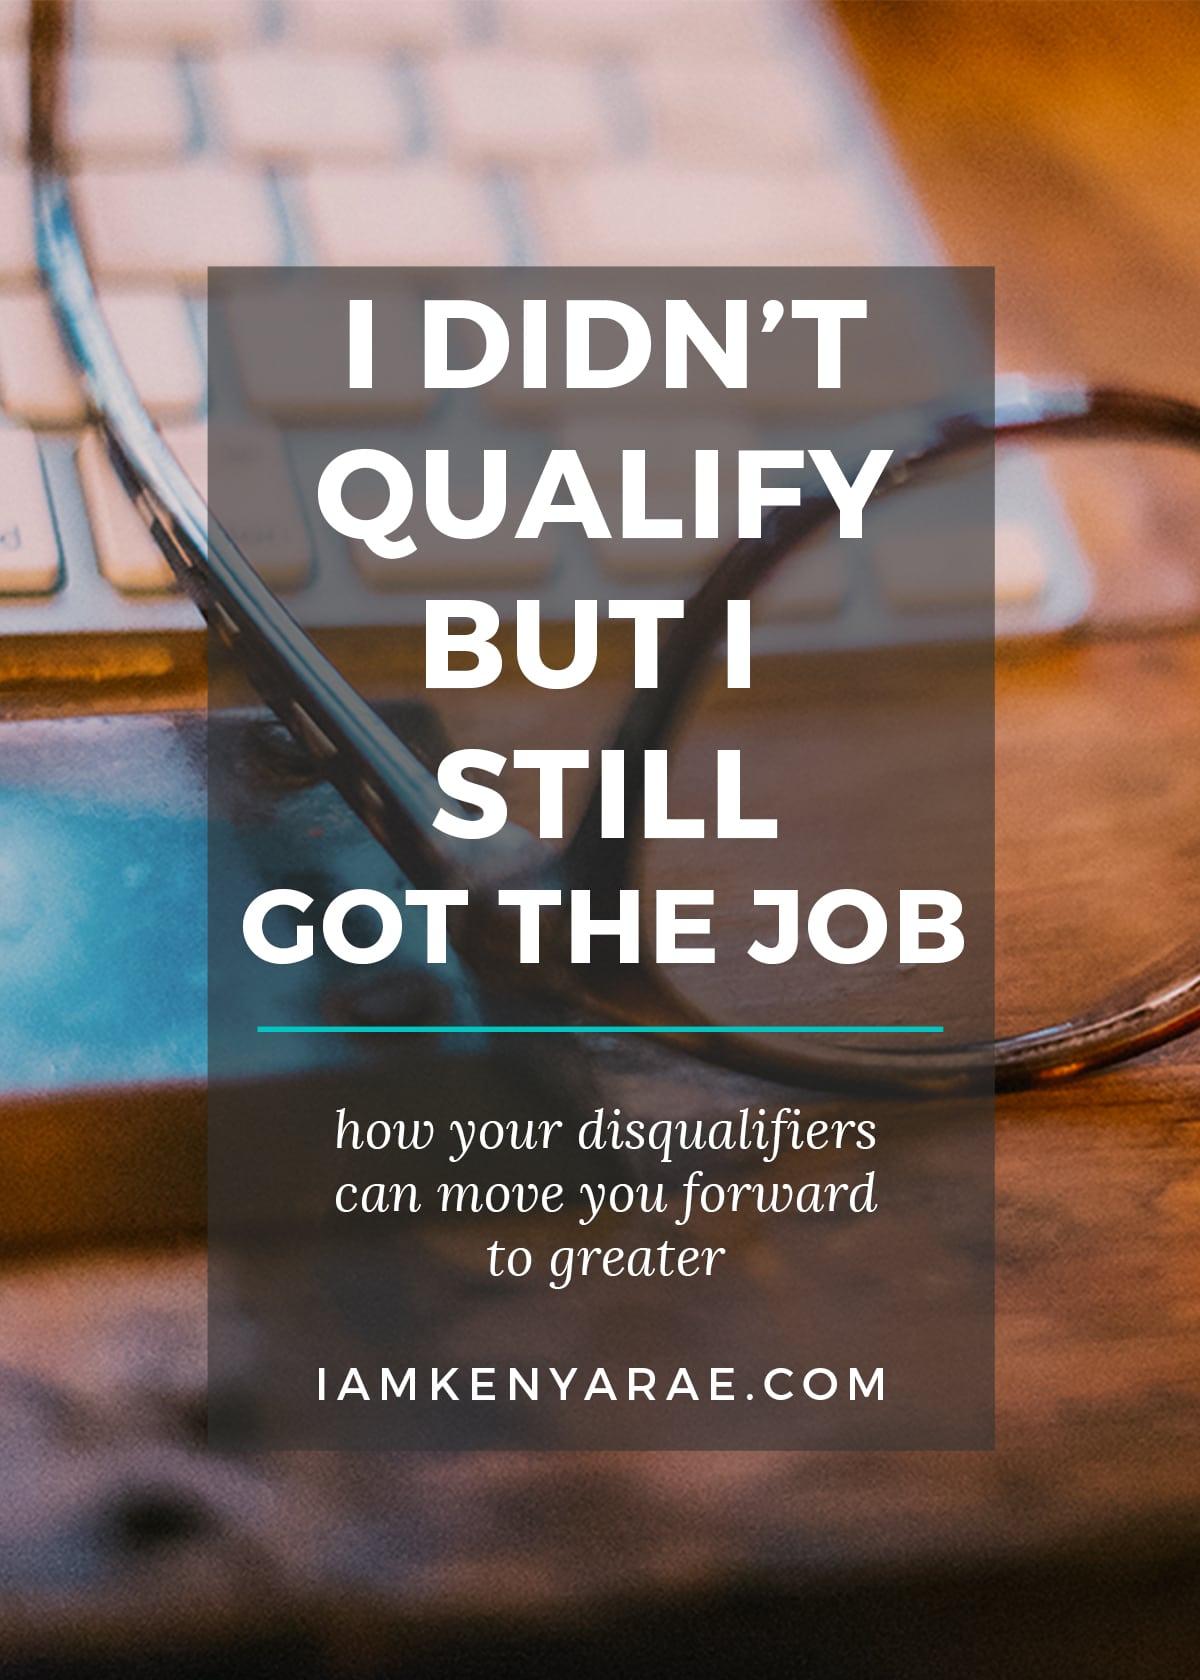 I didn't qualify and I still got the job